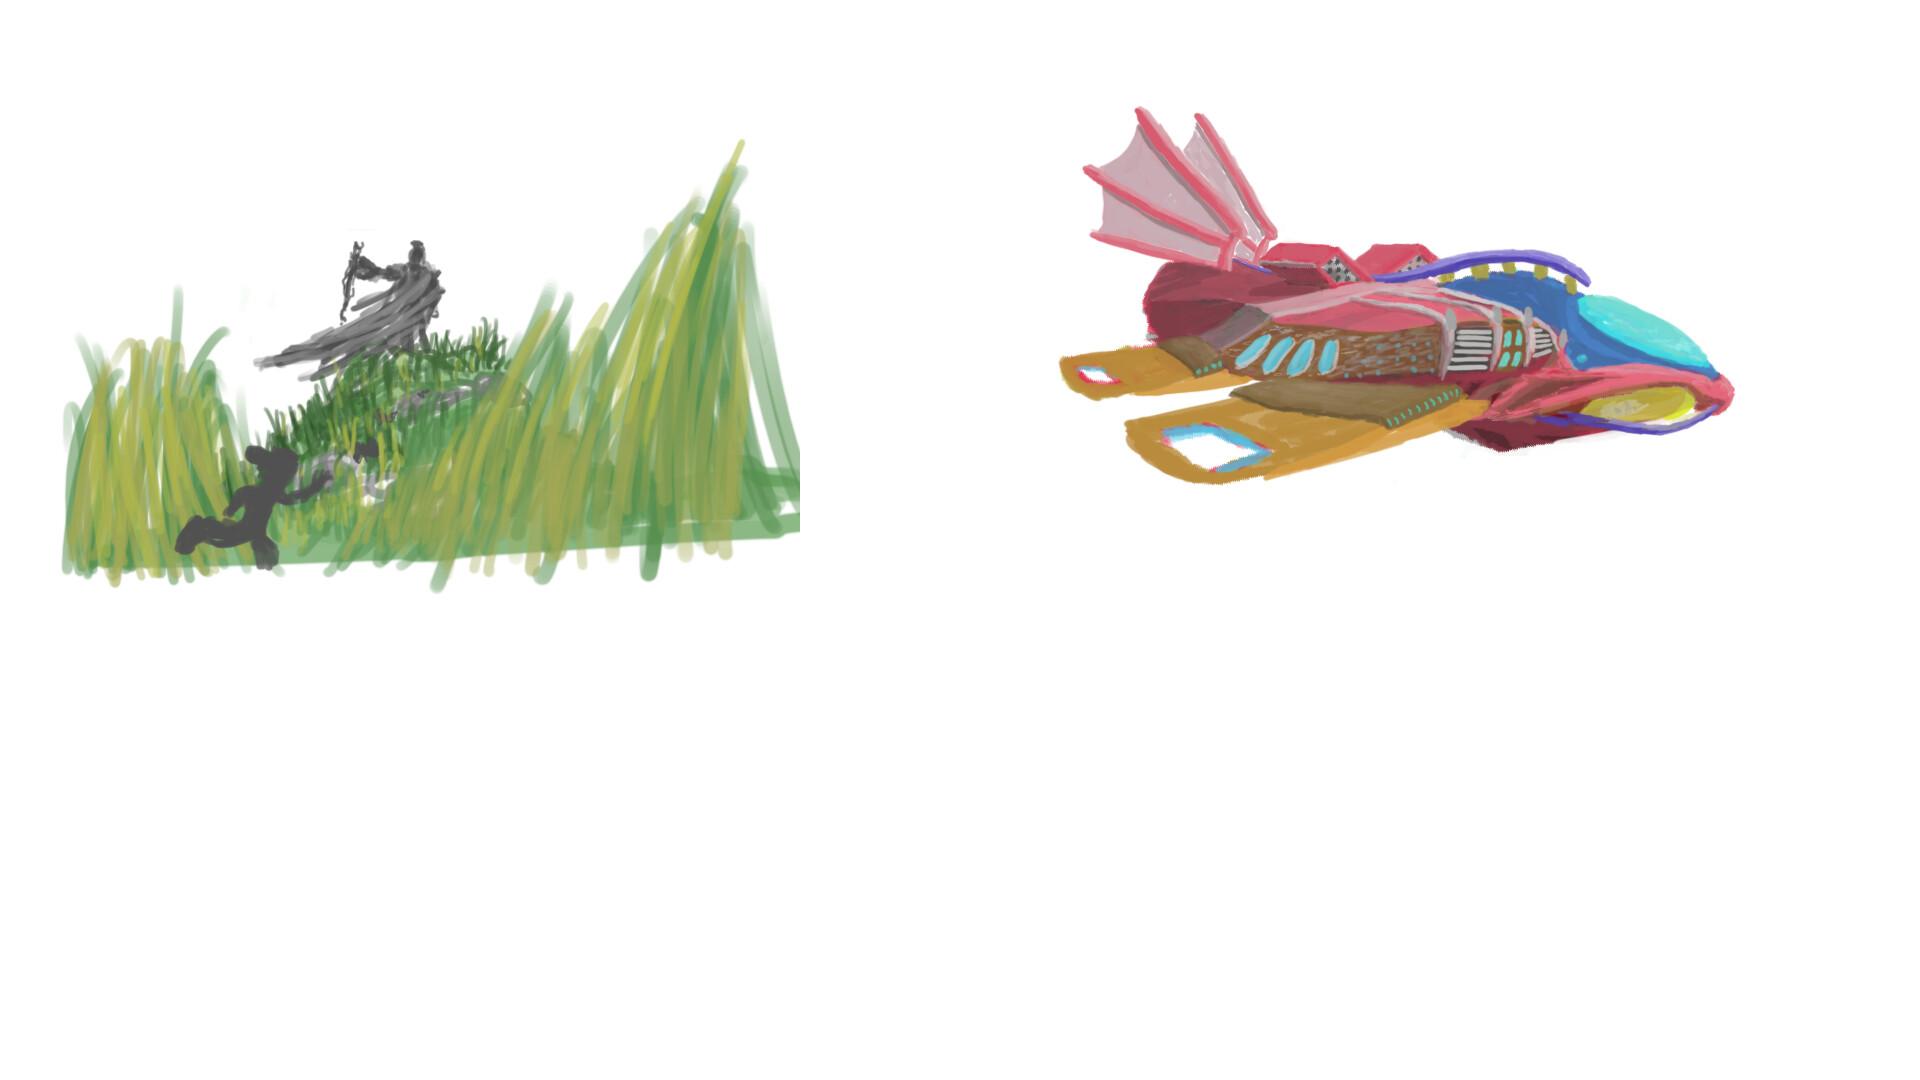 Alexander laheij doodle 15